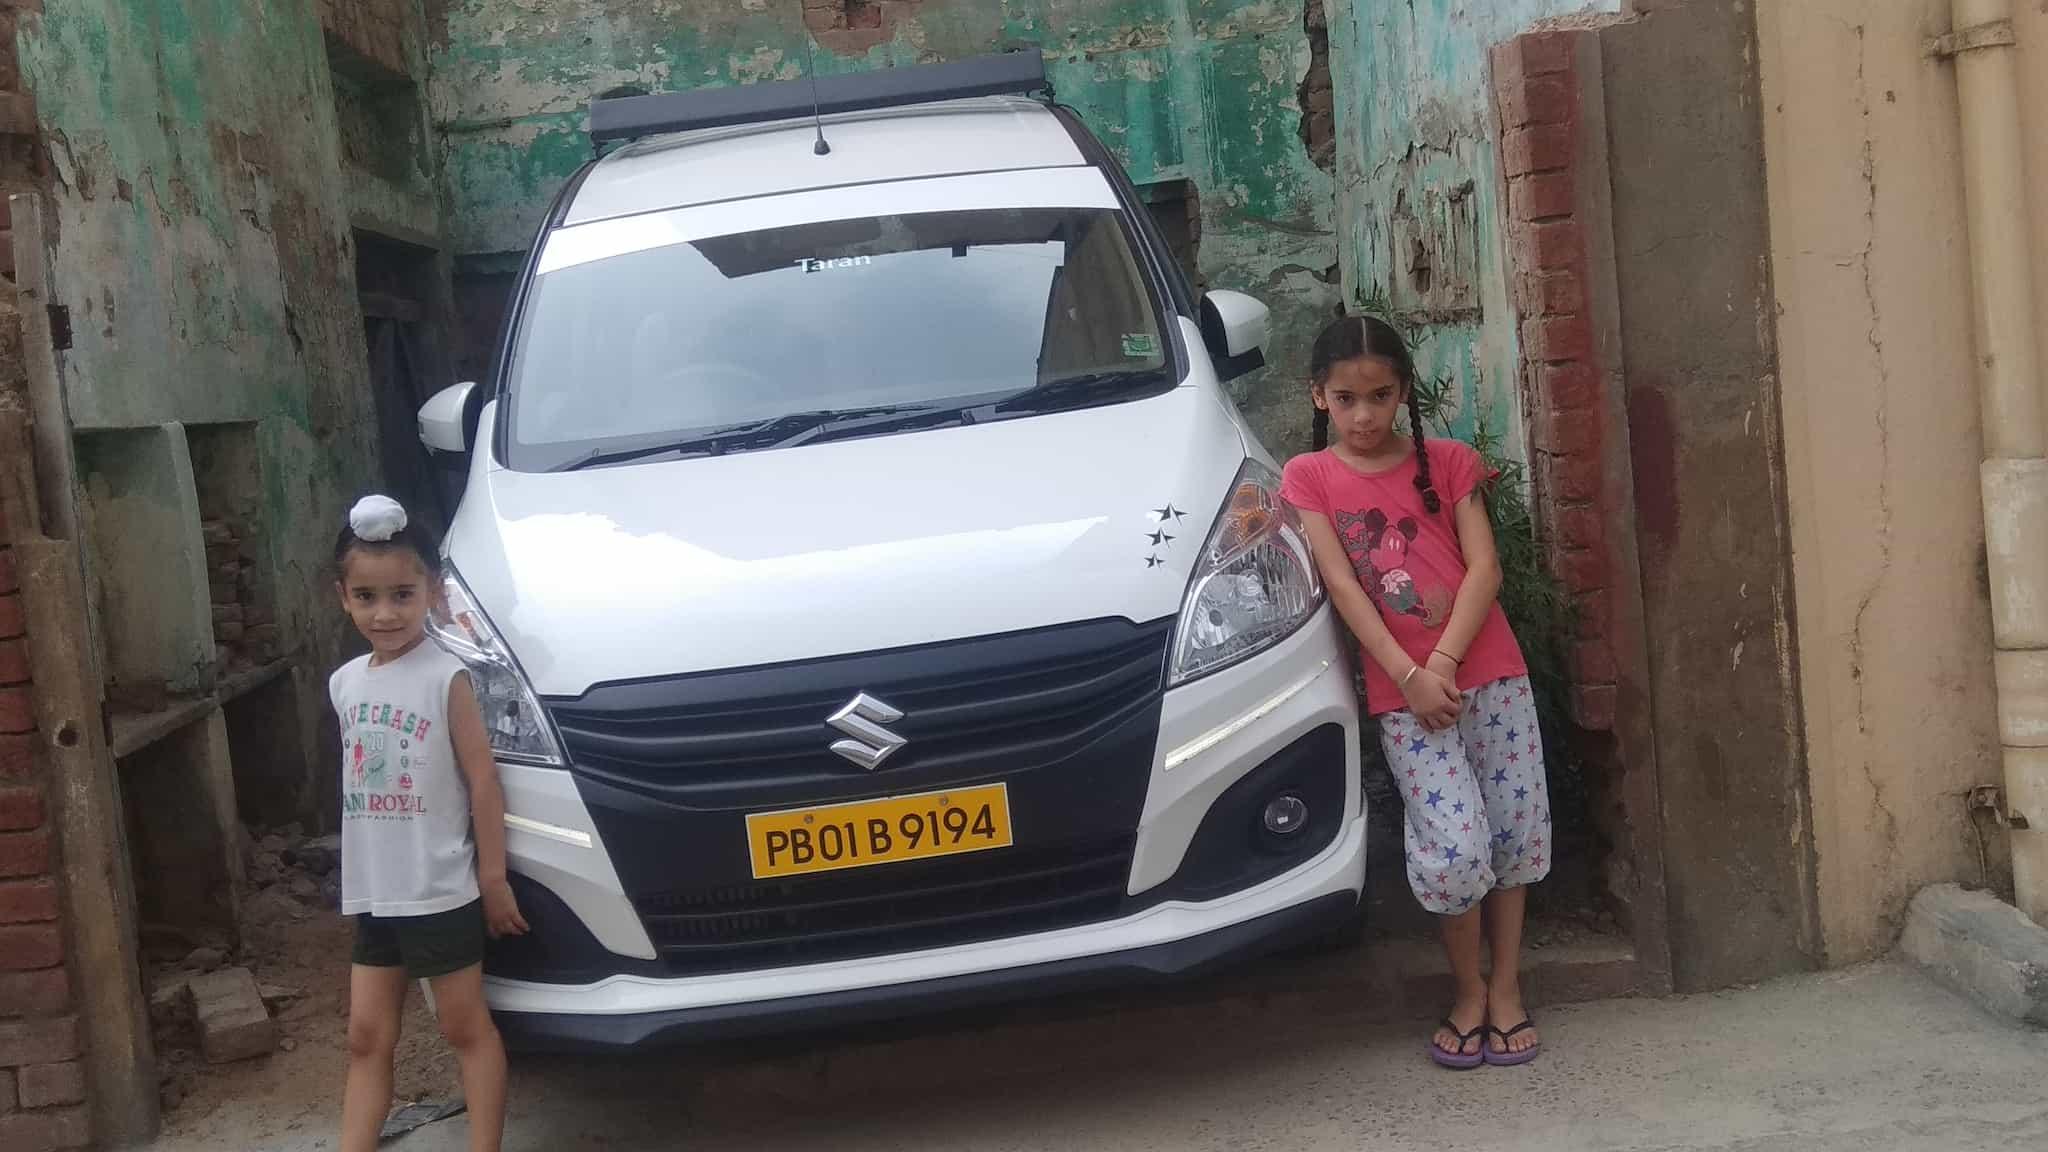 Taran Tour and Travels, Kharar - Car Hire in Mohali